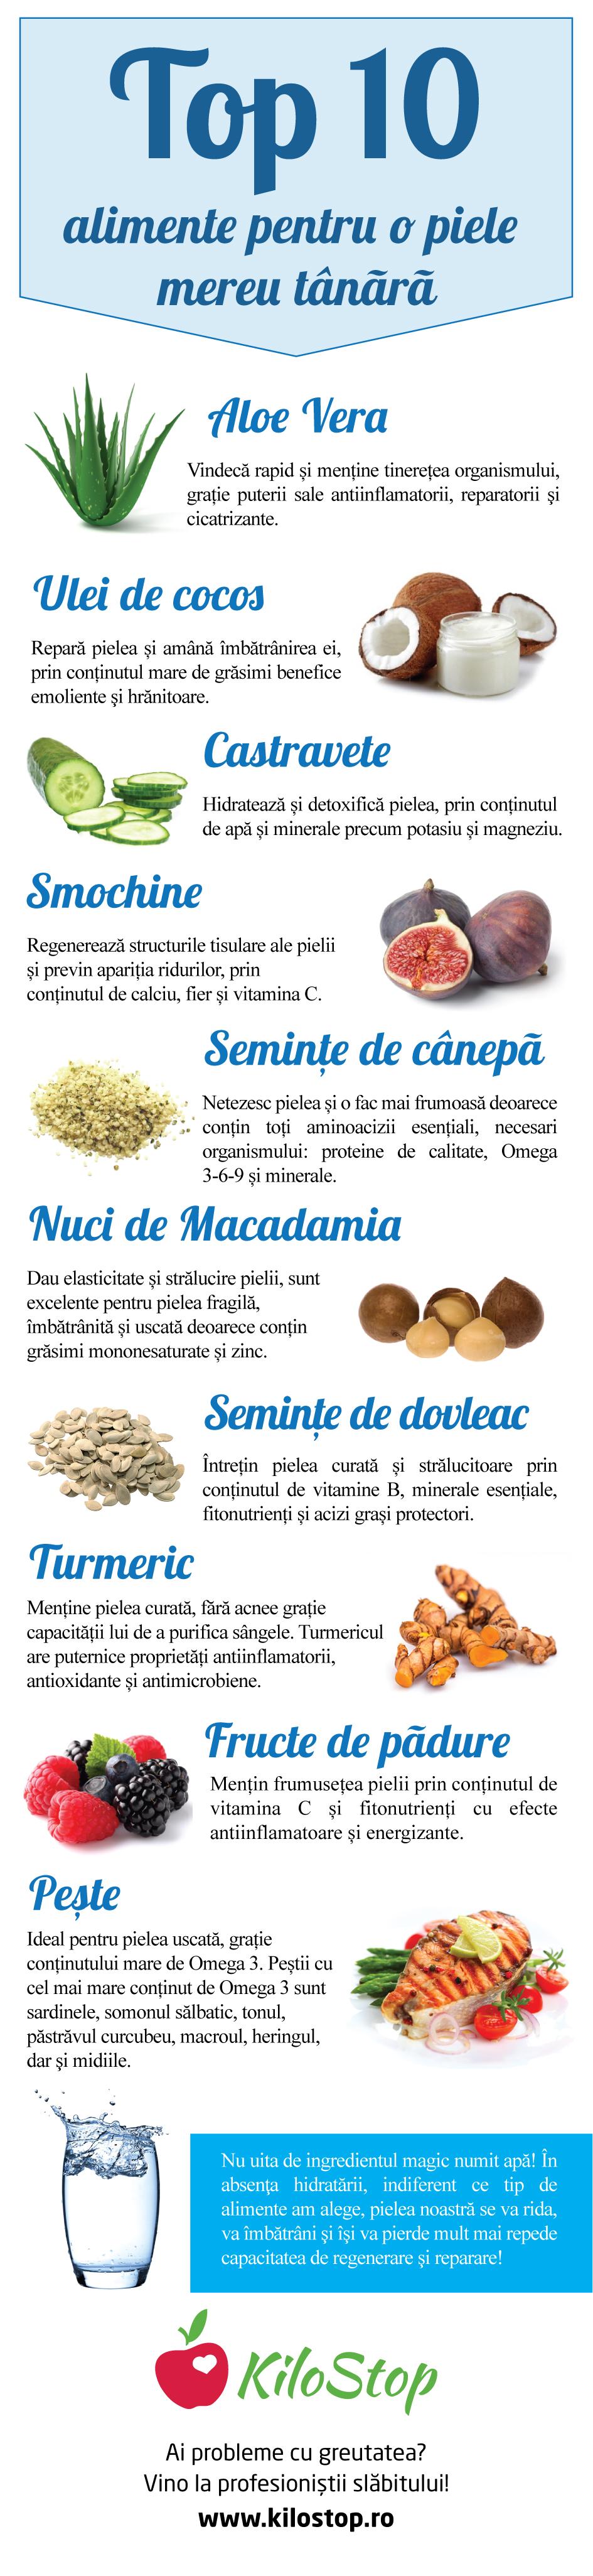 Top 10 alimente pentru o piele tanara